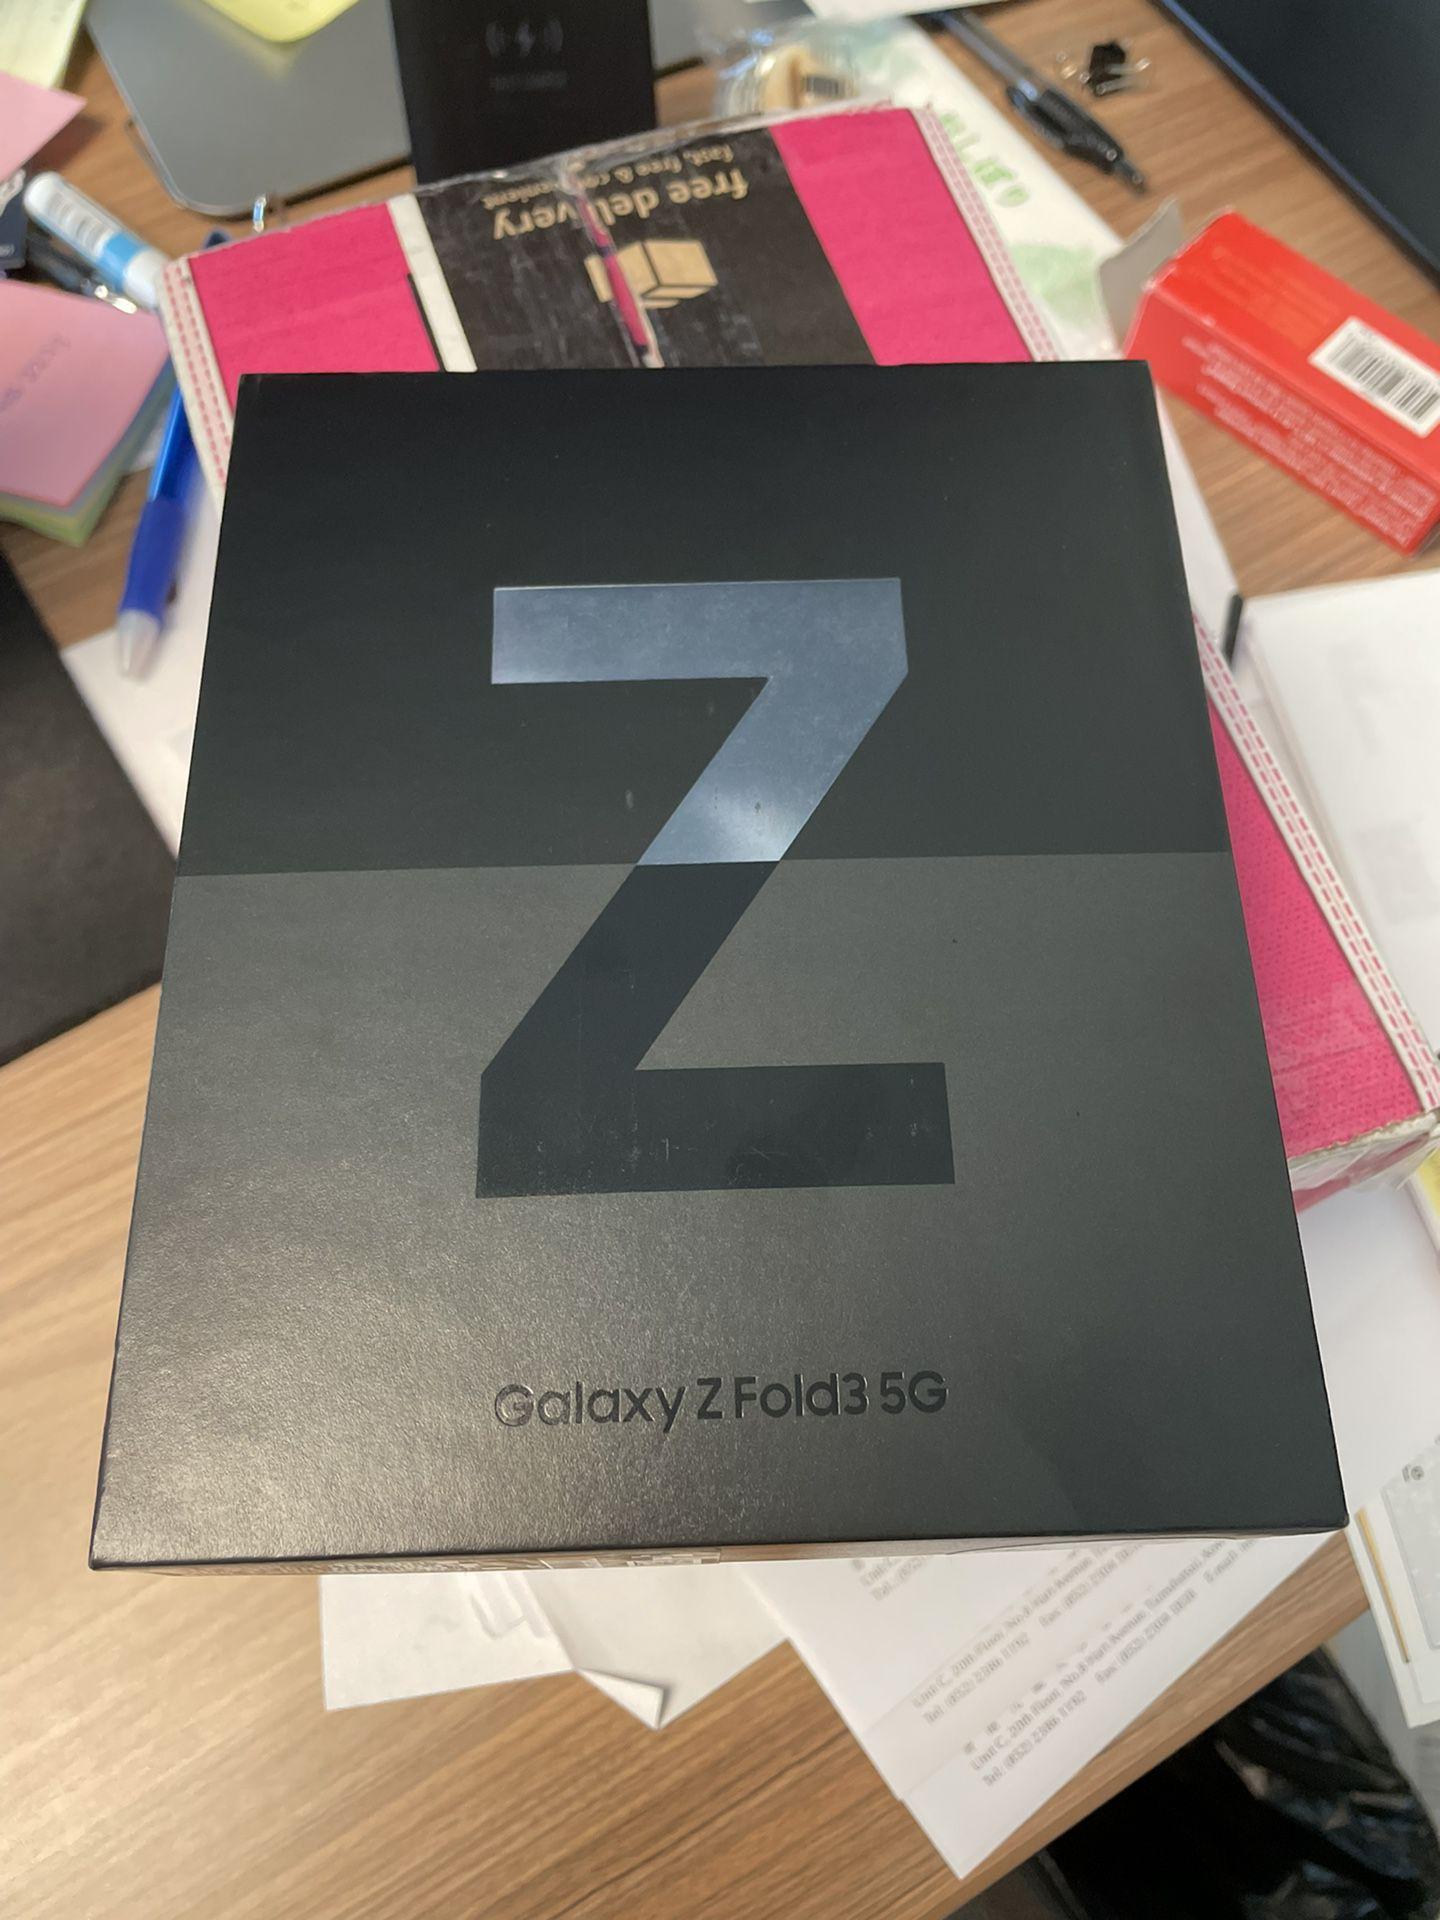 Samsung Galaxy Z Fold 3 Unlocked 512 GB